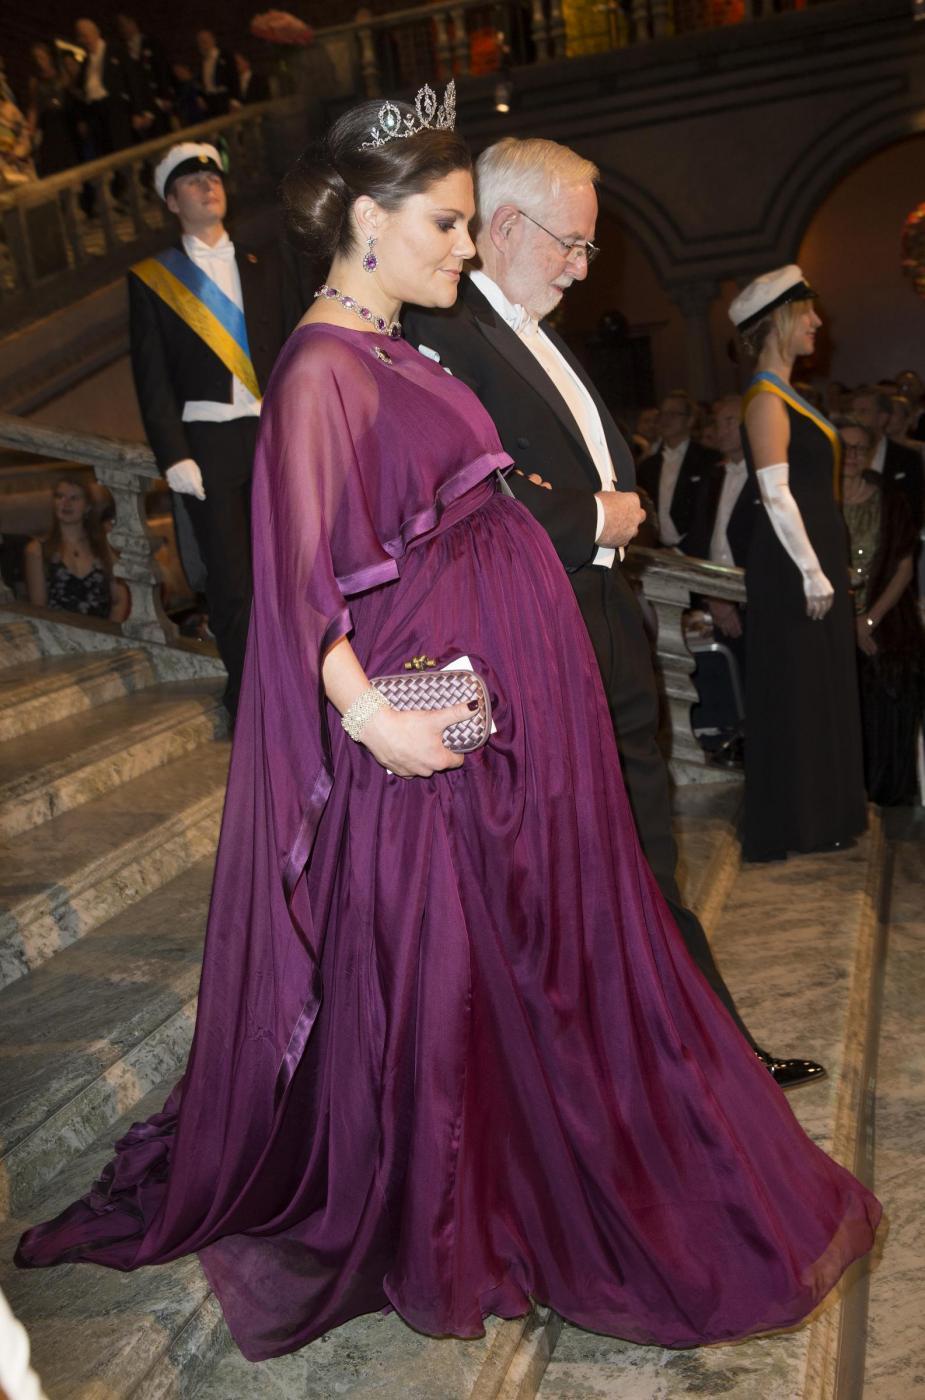 Nobel, principessa di Svezia incinta con abito a vita alta3